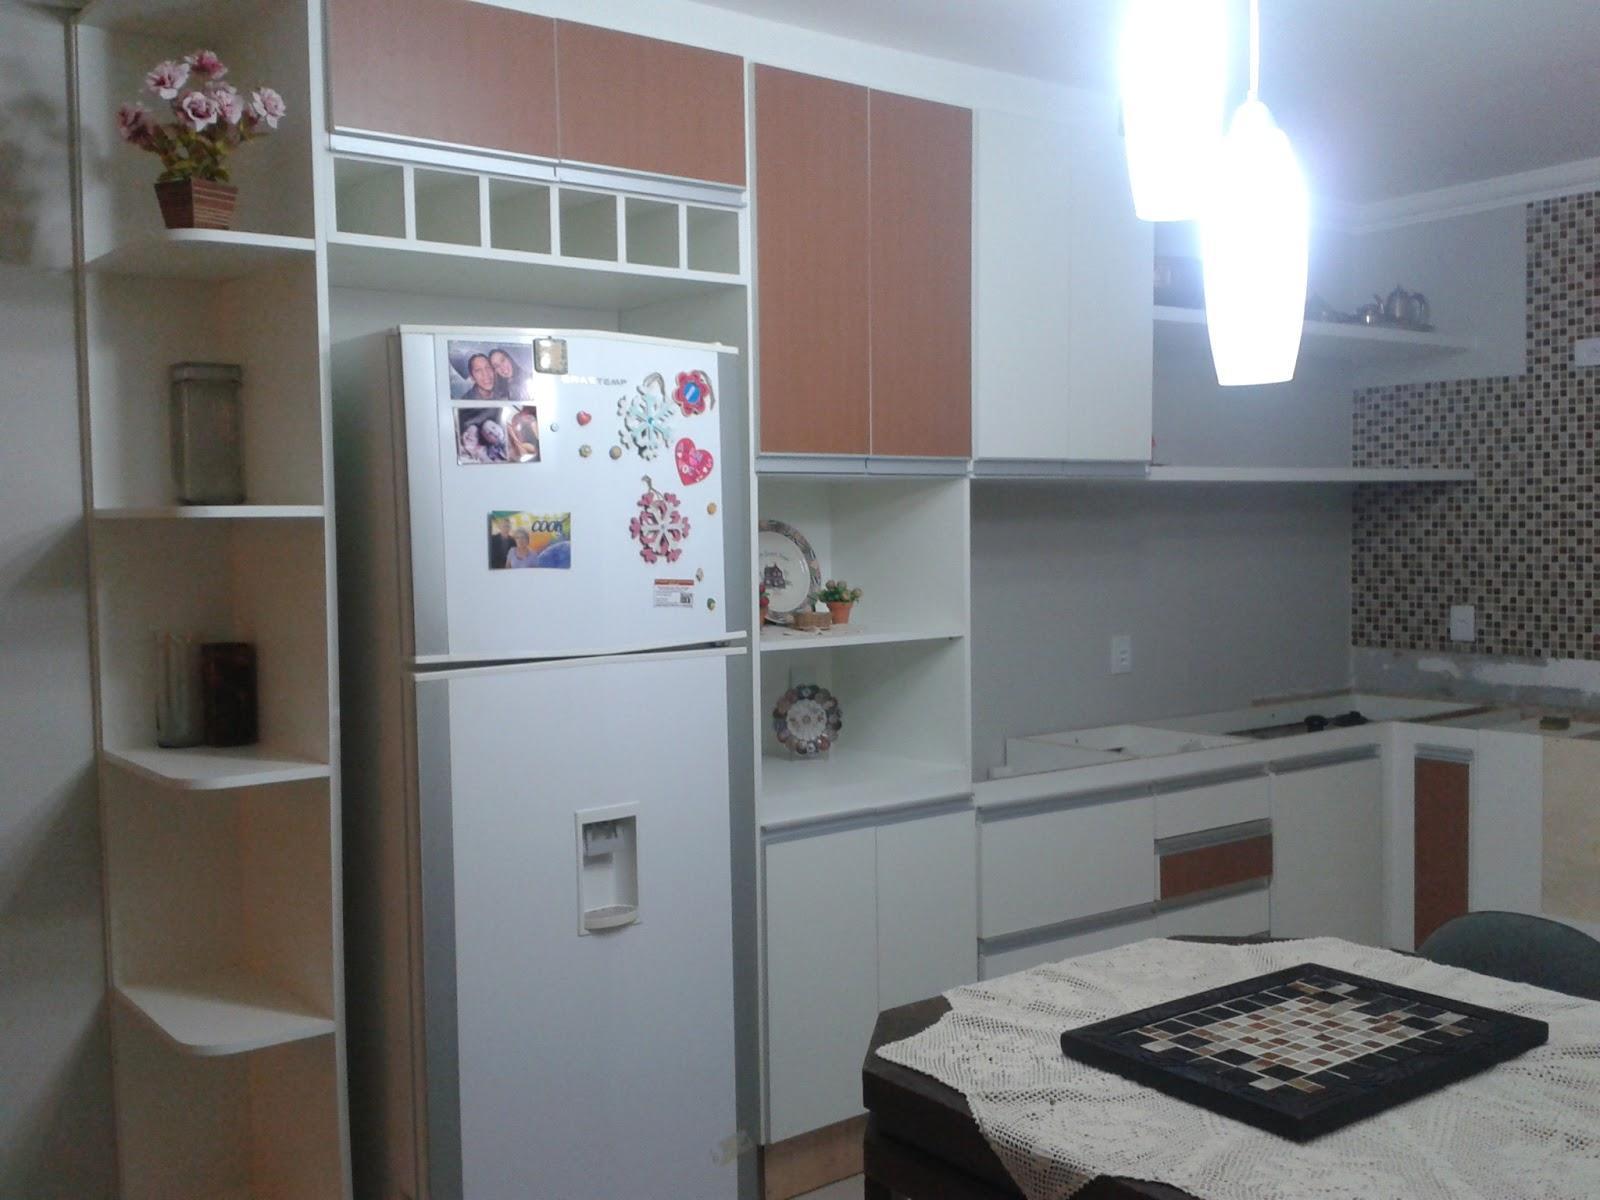 Adesivo Luz De Led ~ Drika Bordando o Sete Meu armario da cozinha chegou!!!